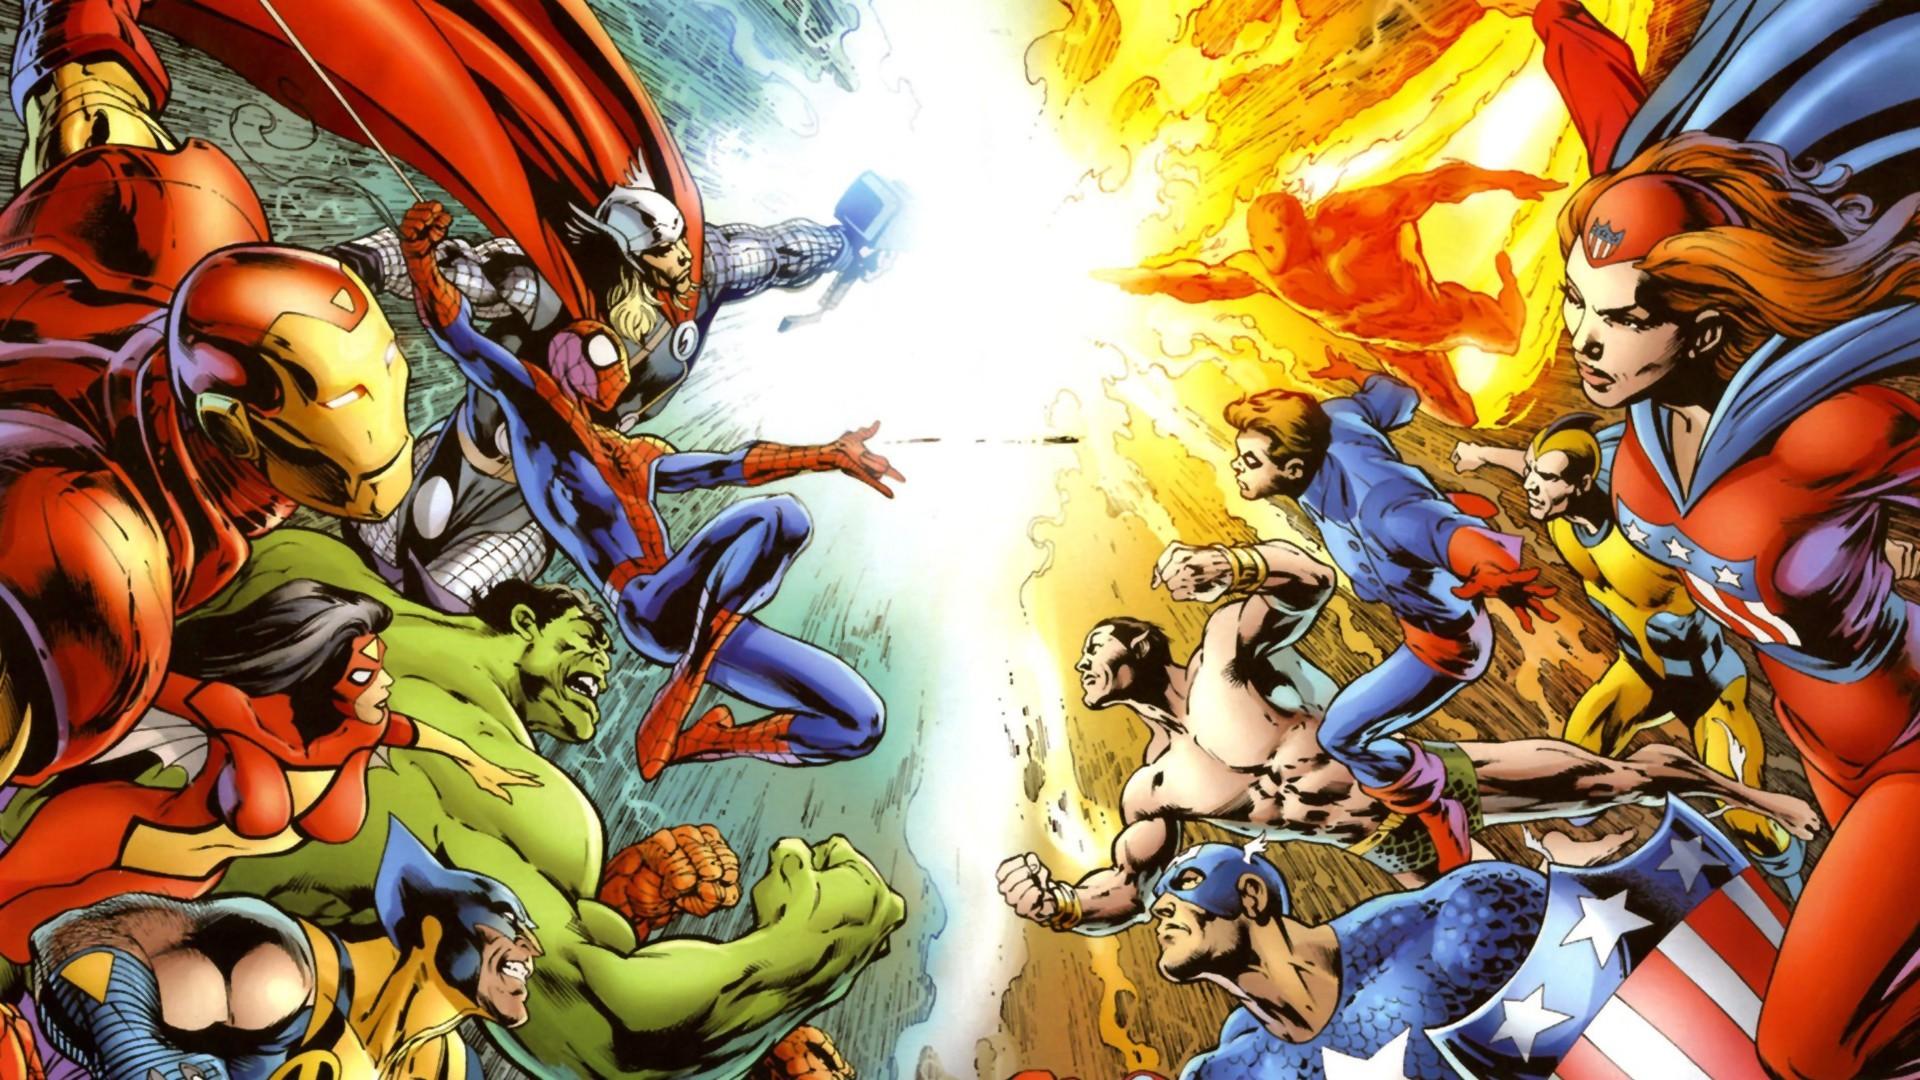 Superheroes HD wallpapers 1920x1080